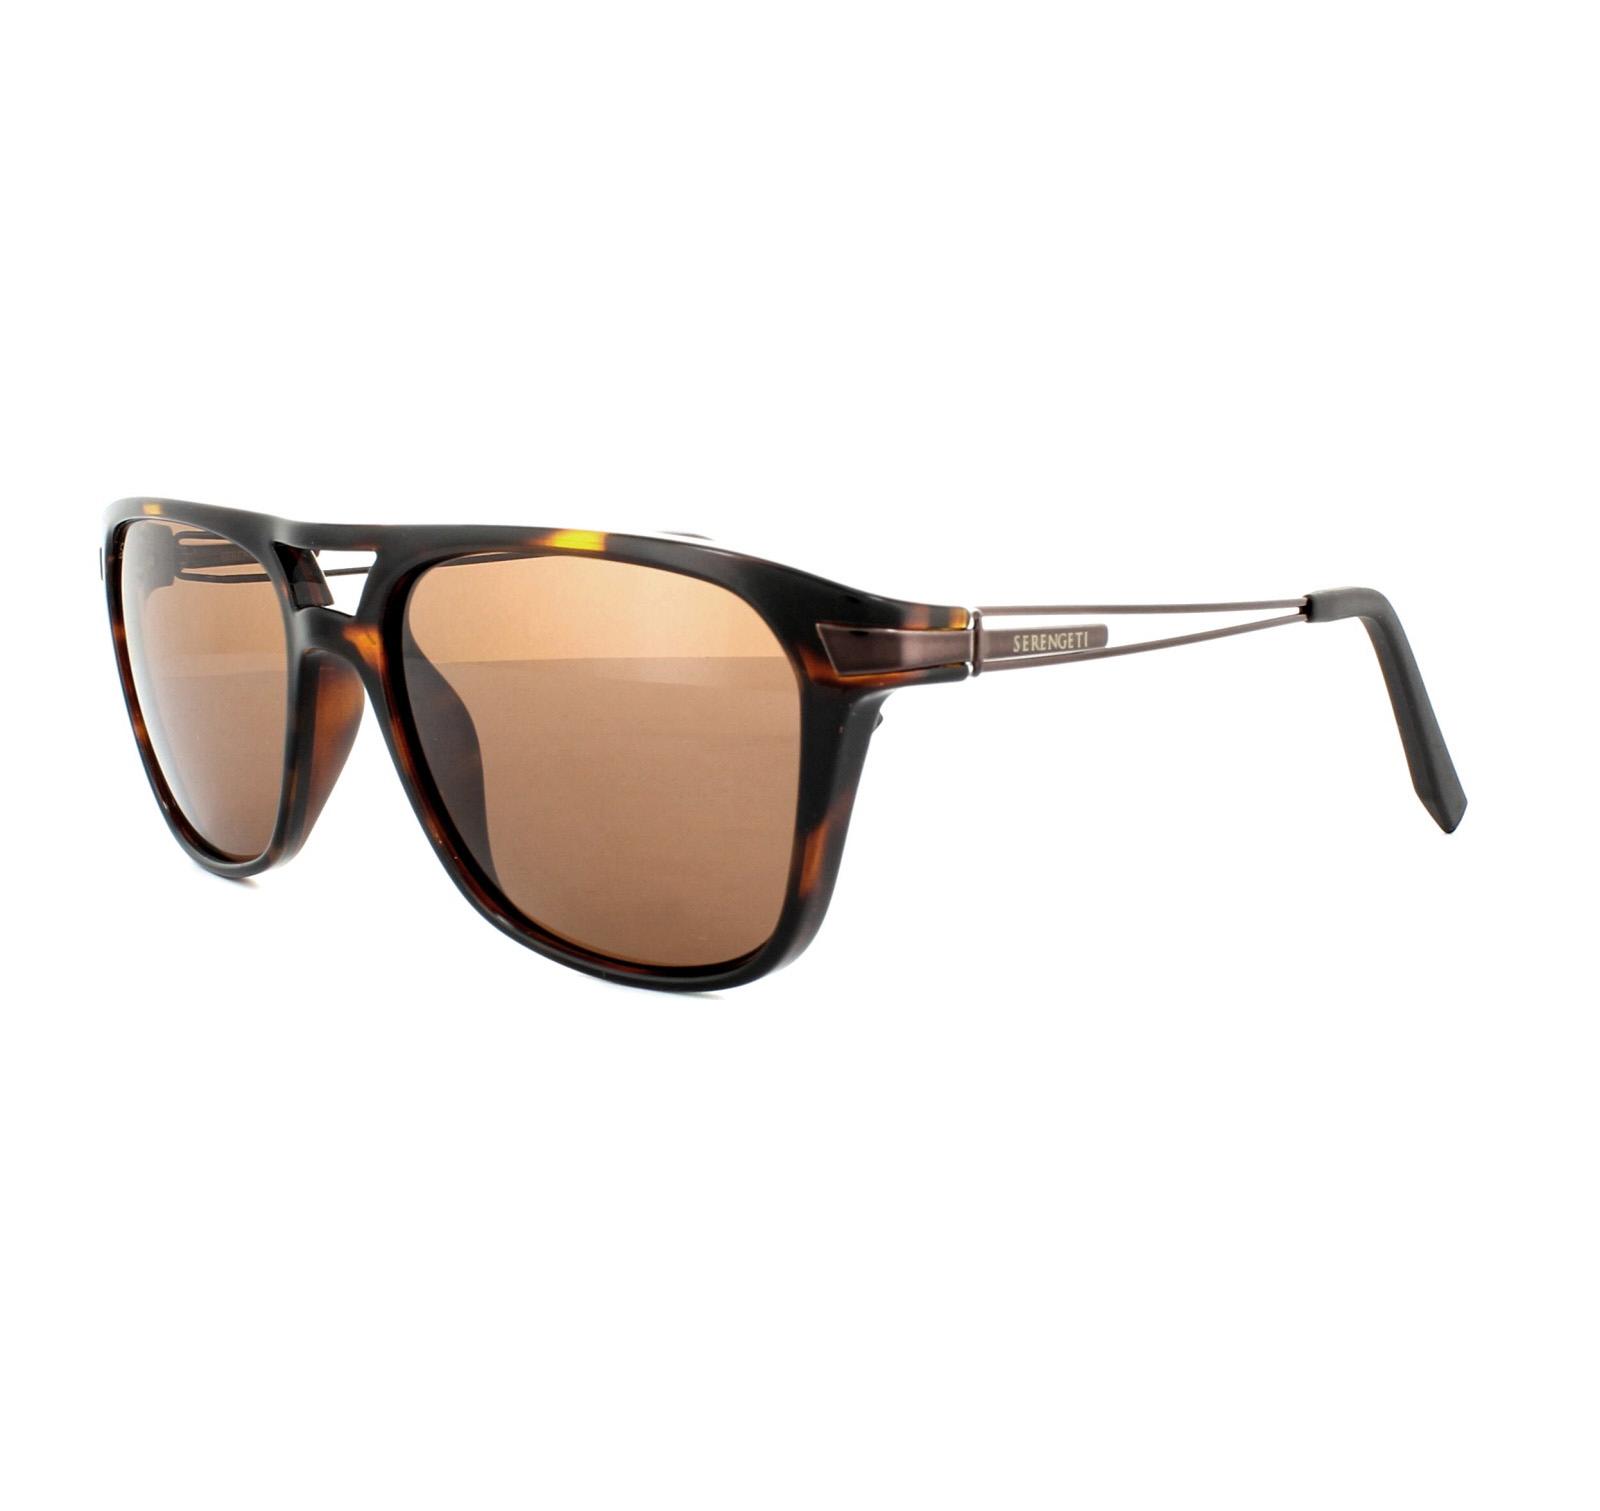 fa8e00cb5b Sentinel Serengeti Sunglasses Empoli 7761 Dark Tortoise Espresso Drivers  Brown Polarized